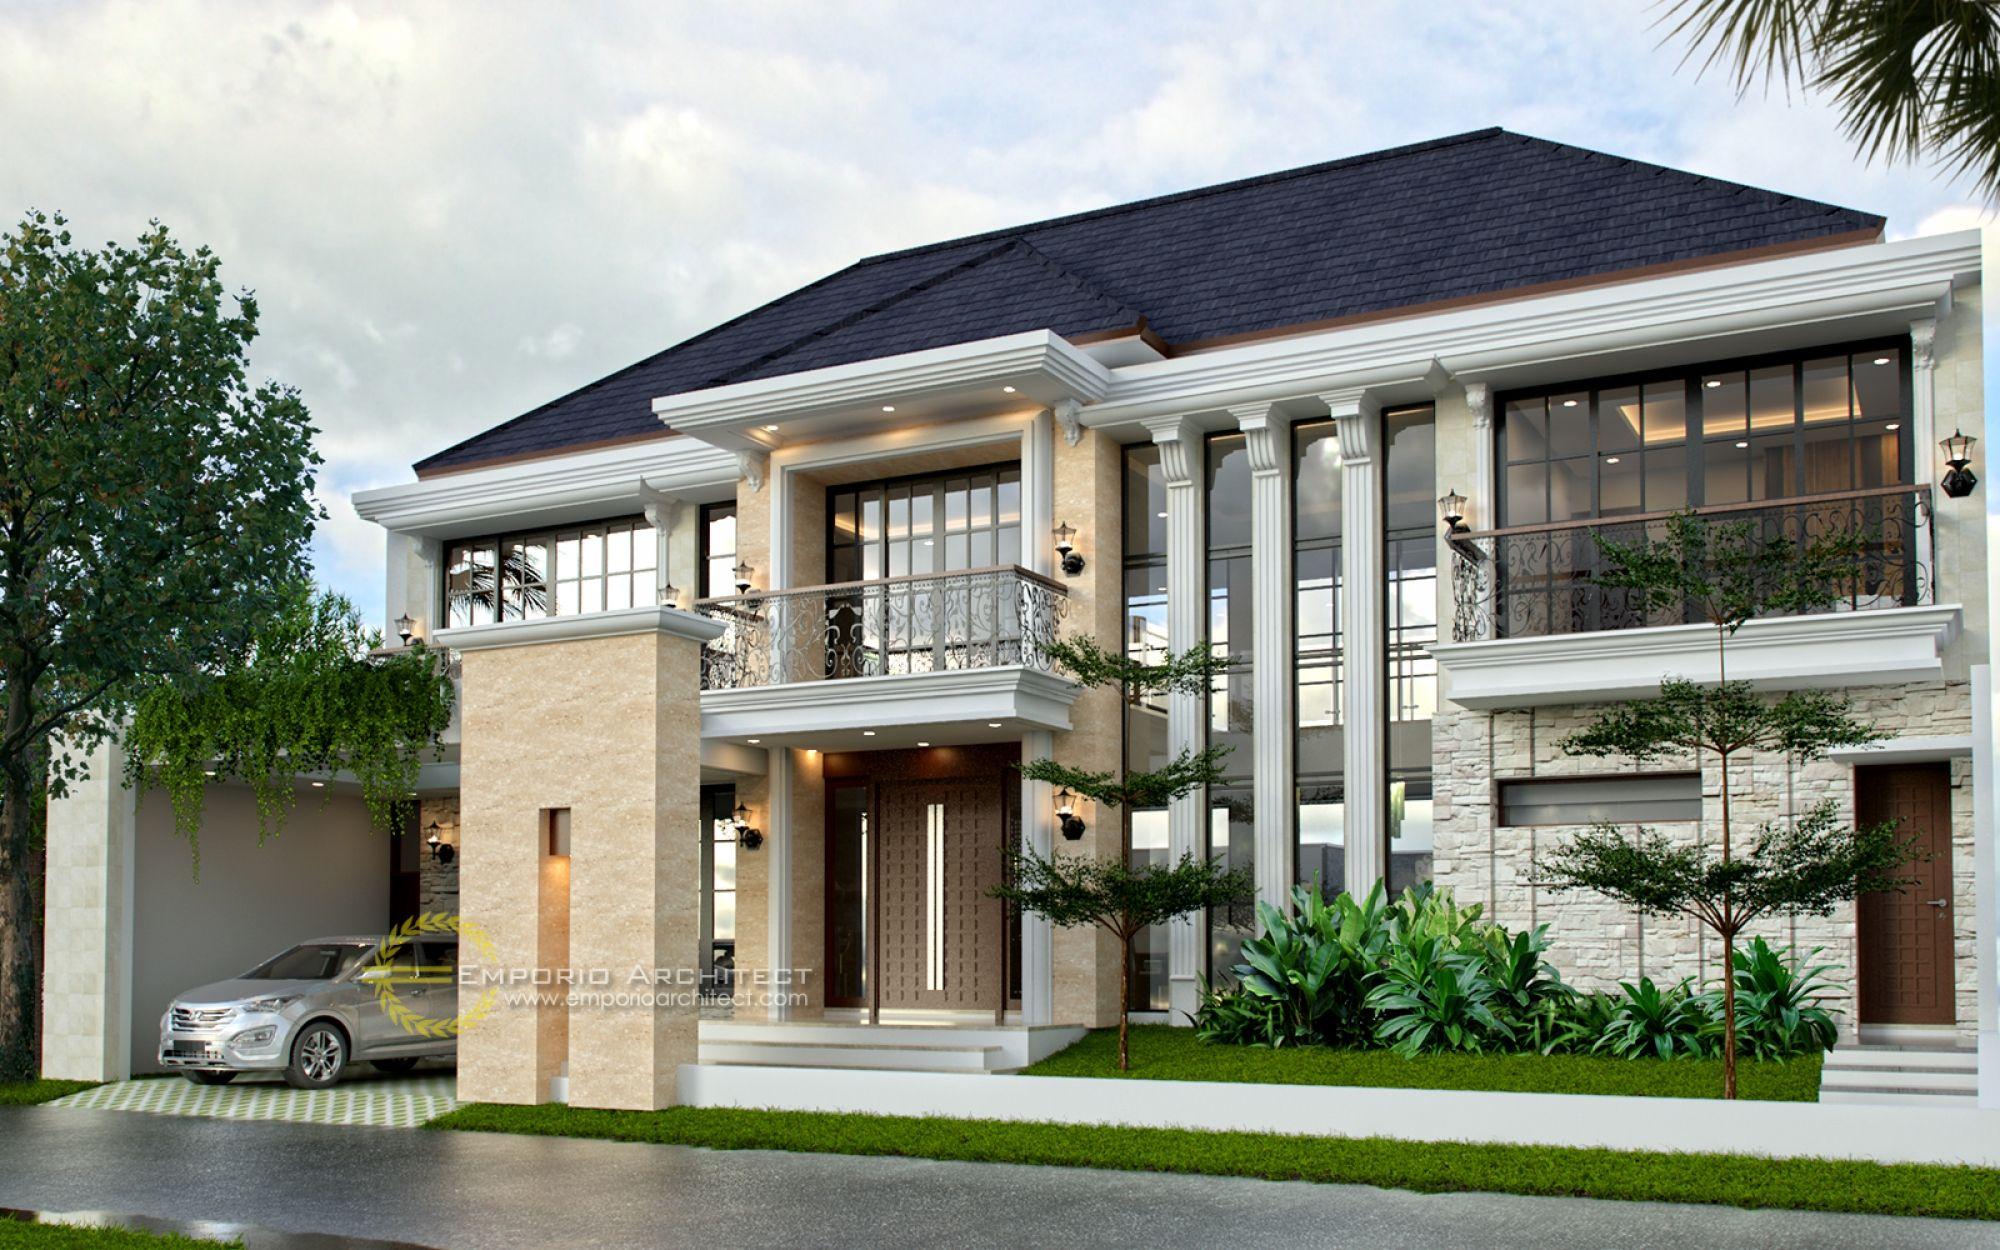 Jasa Arsitek Desain Rumah Bapak Ardi Yogyakarta Jasa Arsitek